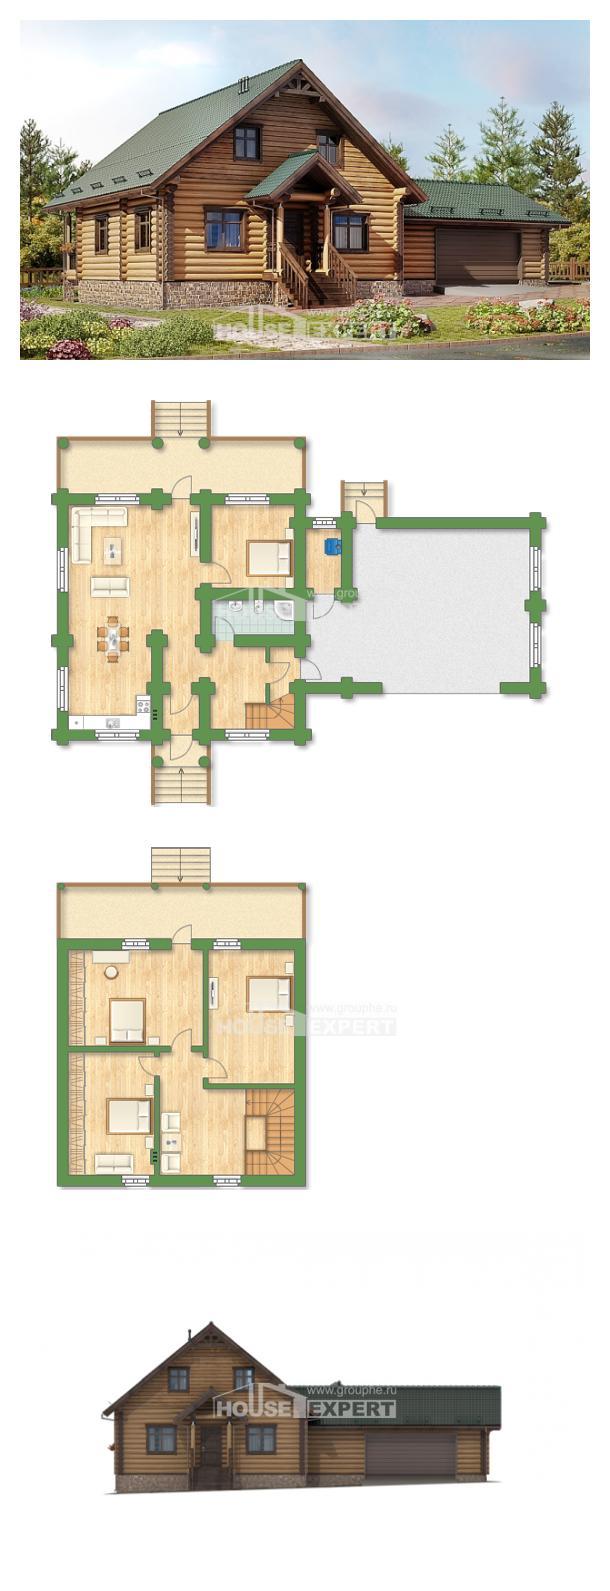 Plan 270-002-R | House Expert